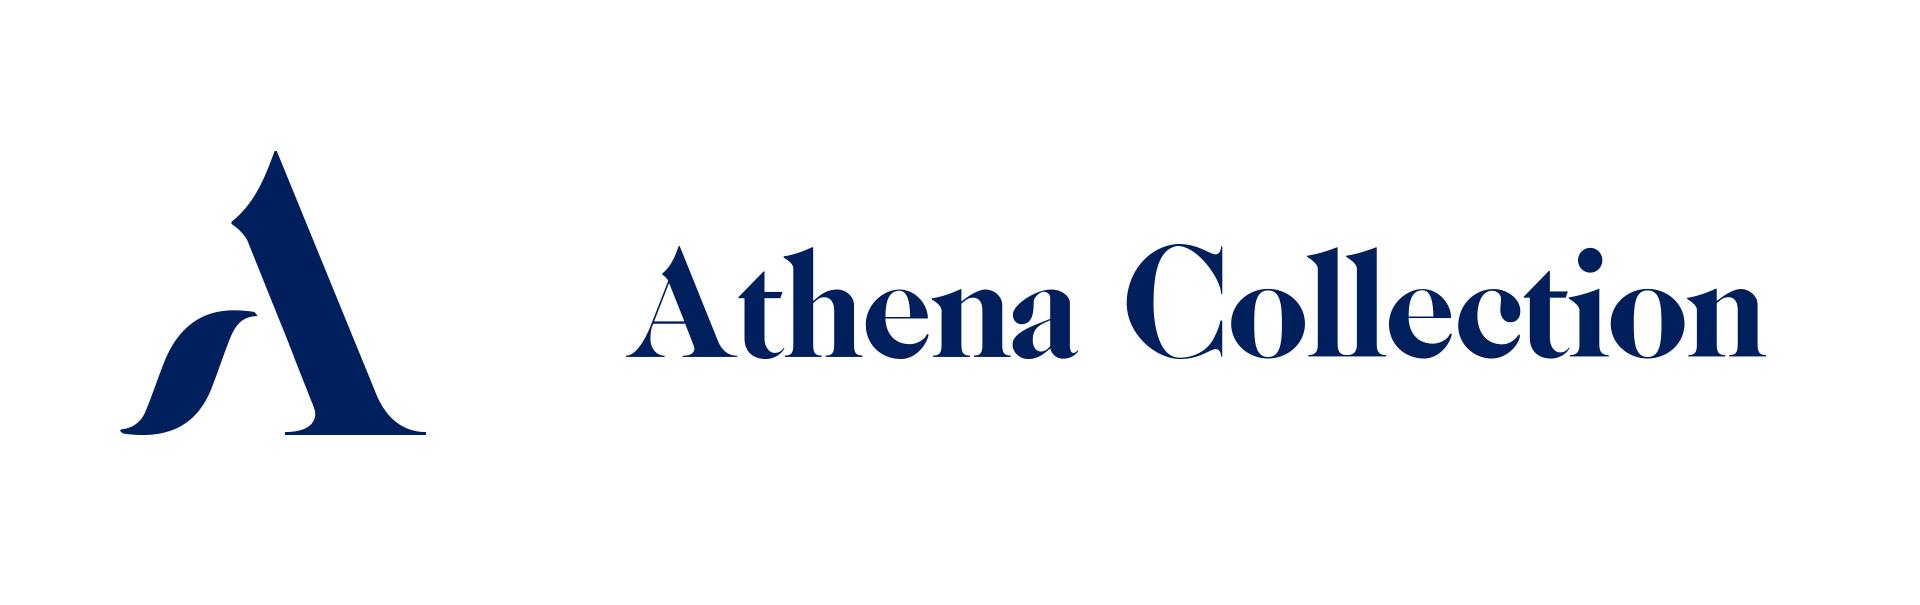 athena_collection_logo